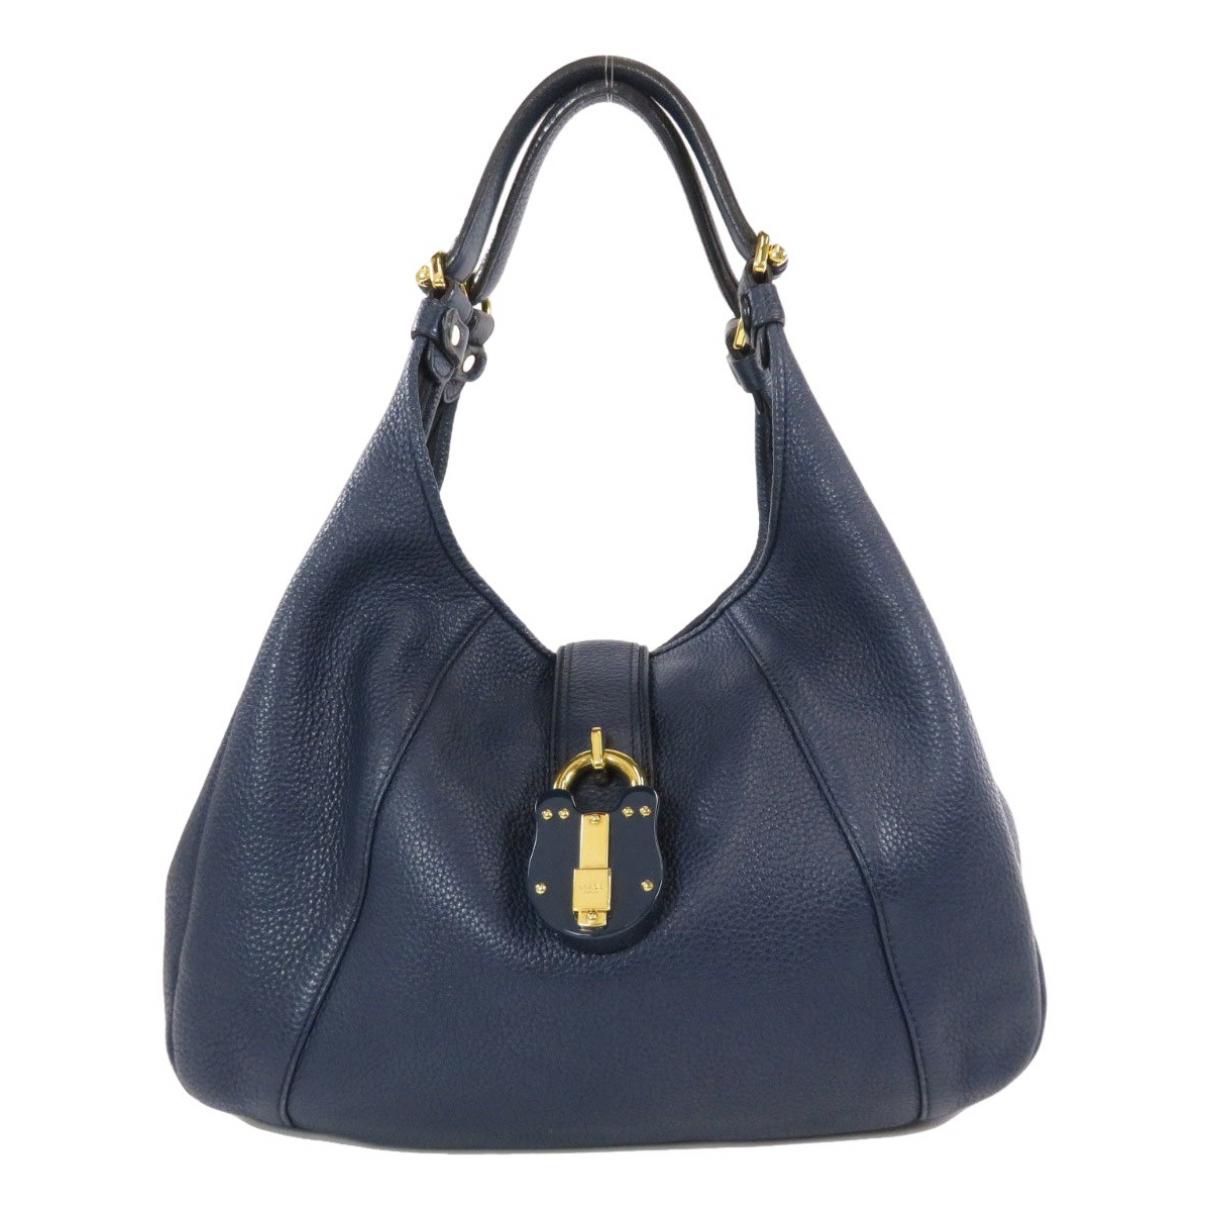 Loewe \N Handtasche in  Blau Leder